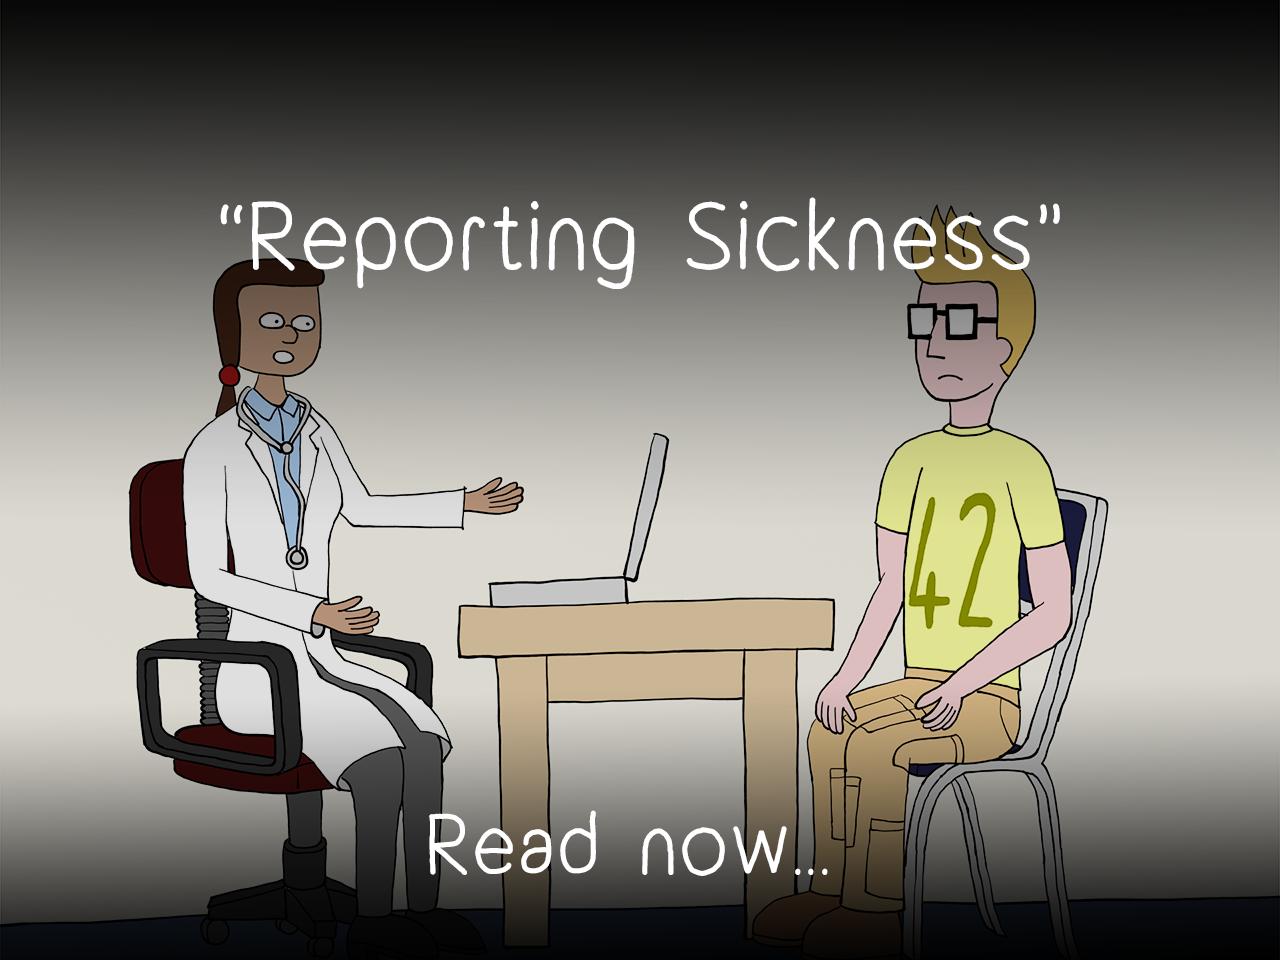 Reporting Sickness